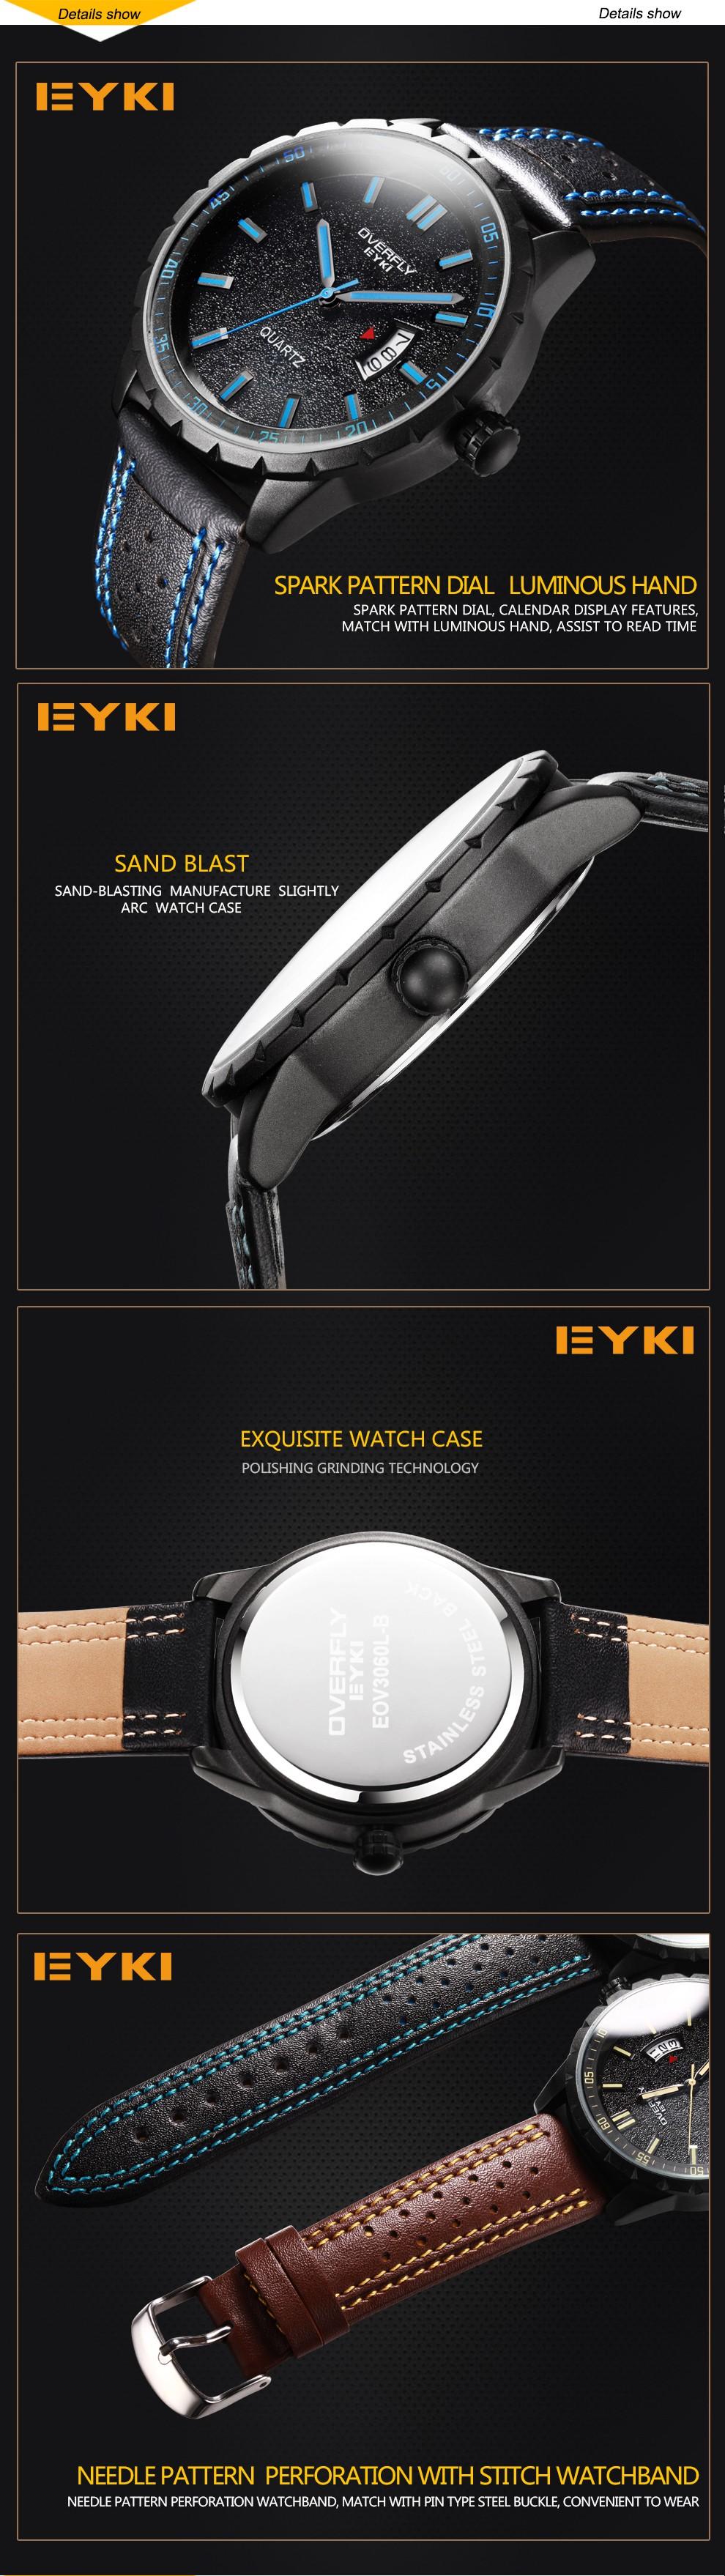 Мода Повседневная Красочные Военные Люди Вахты 2016 EYKI Марка Спортивные Часы Люксовый Бренд Швейцарский Стиль Военные Часы relogio masculino